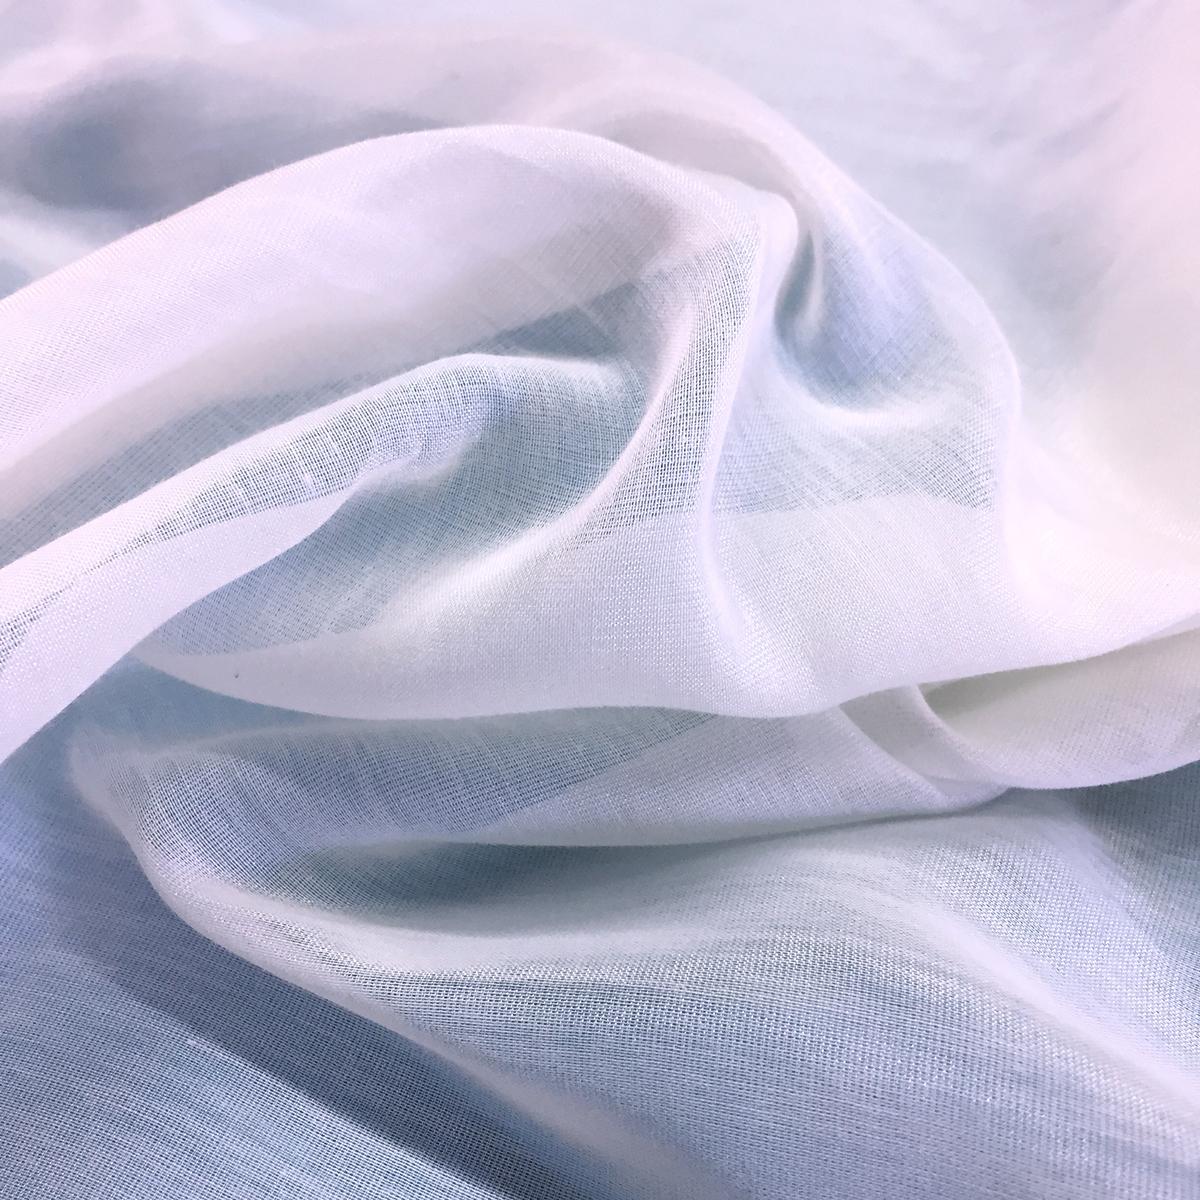 Муслин ткань - что это такое: описание с фото, состав и характеристики материала   всё о тканях